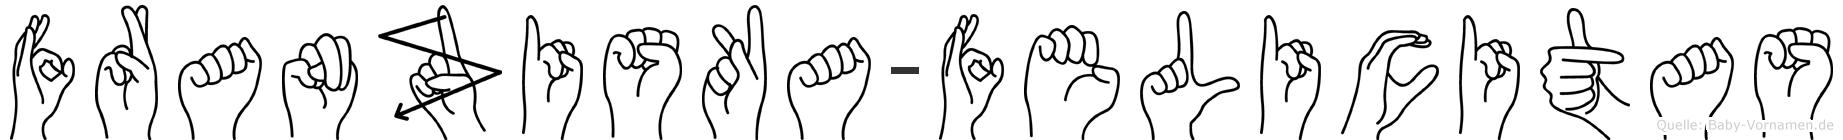 Franziska-Felicitas im Fingeralphabet der Deutschen Gebärdensprache